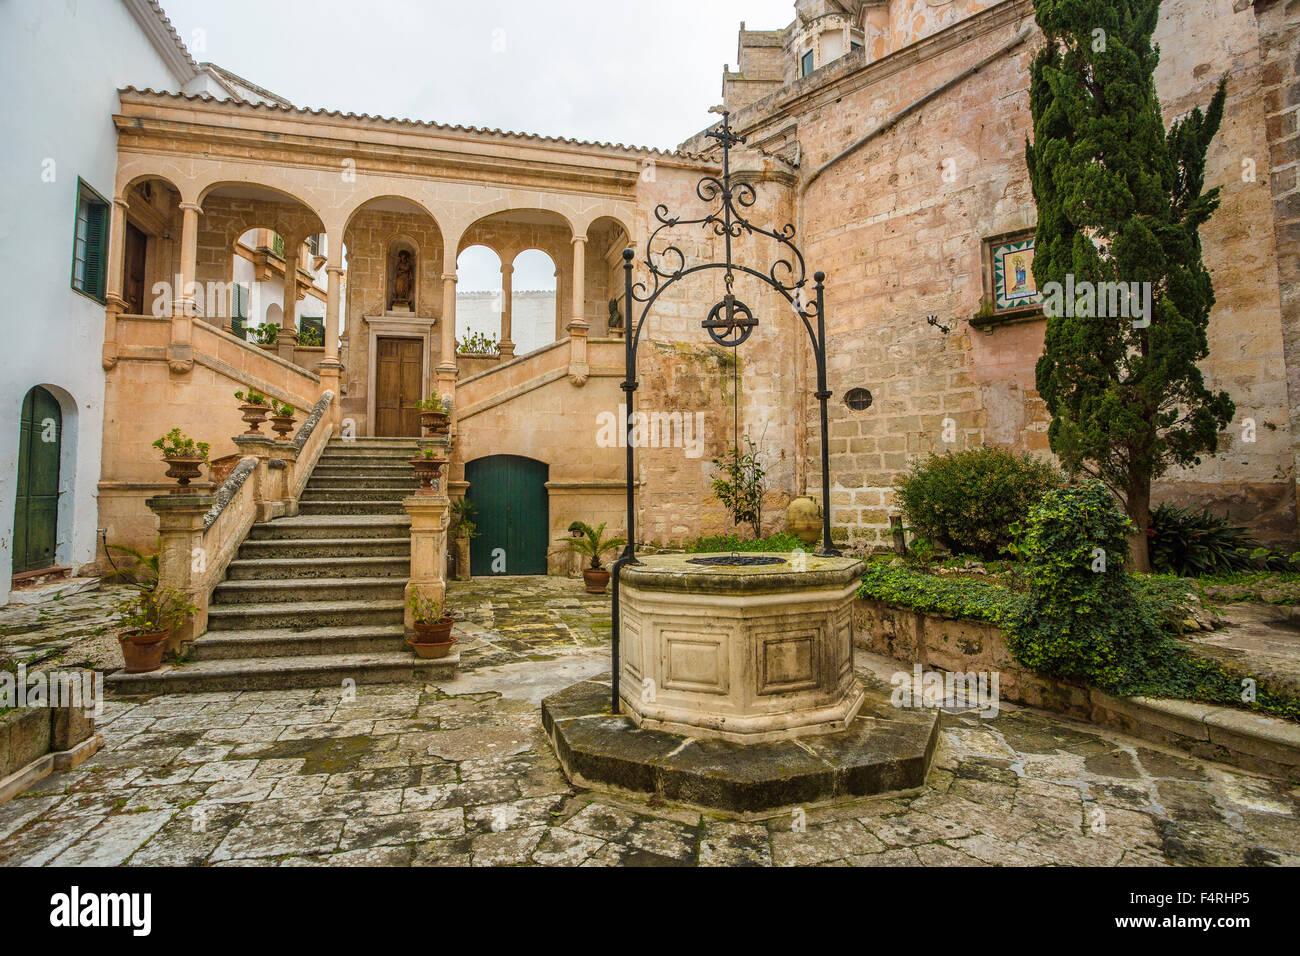 La ciudad de Ciutadella, Menorca, Islas, Palacio, España, Europa, Islas Baleares, el muelle, la arquitectura, Imagen De Stock